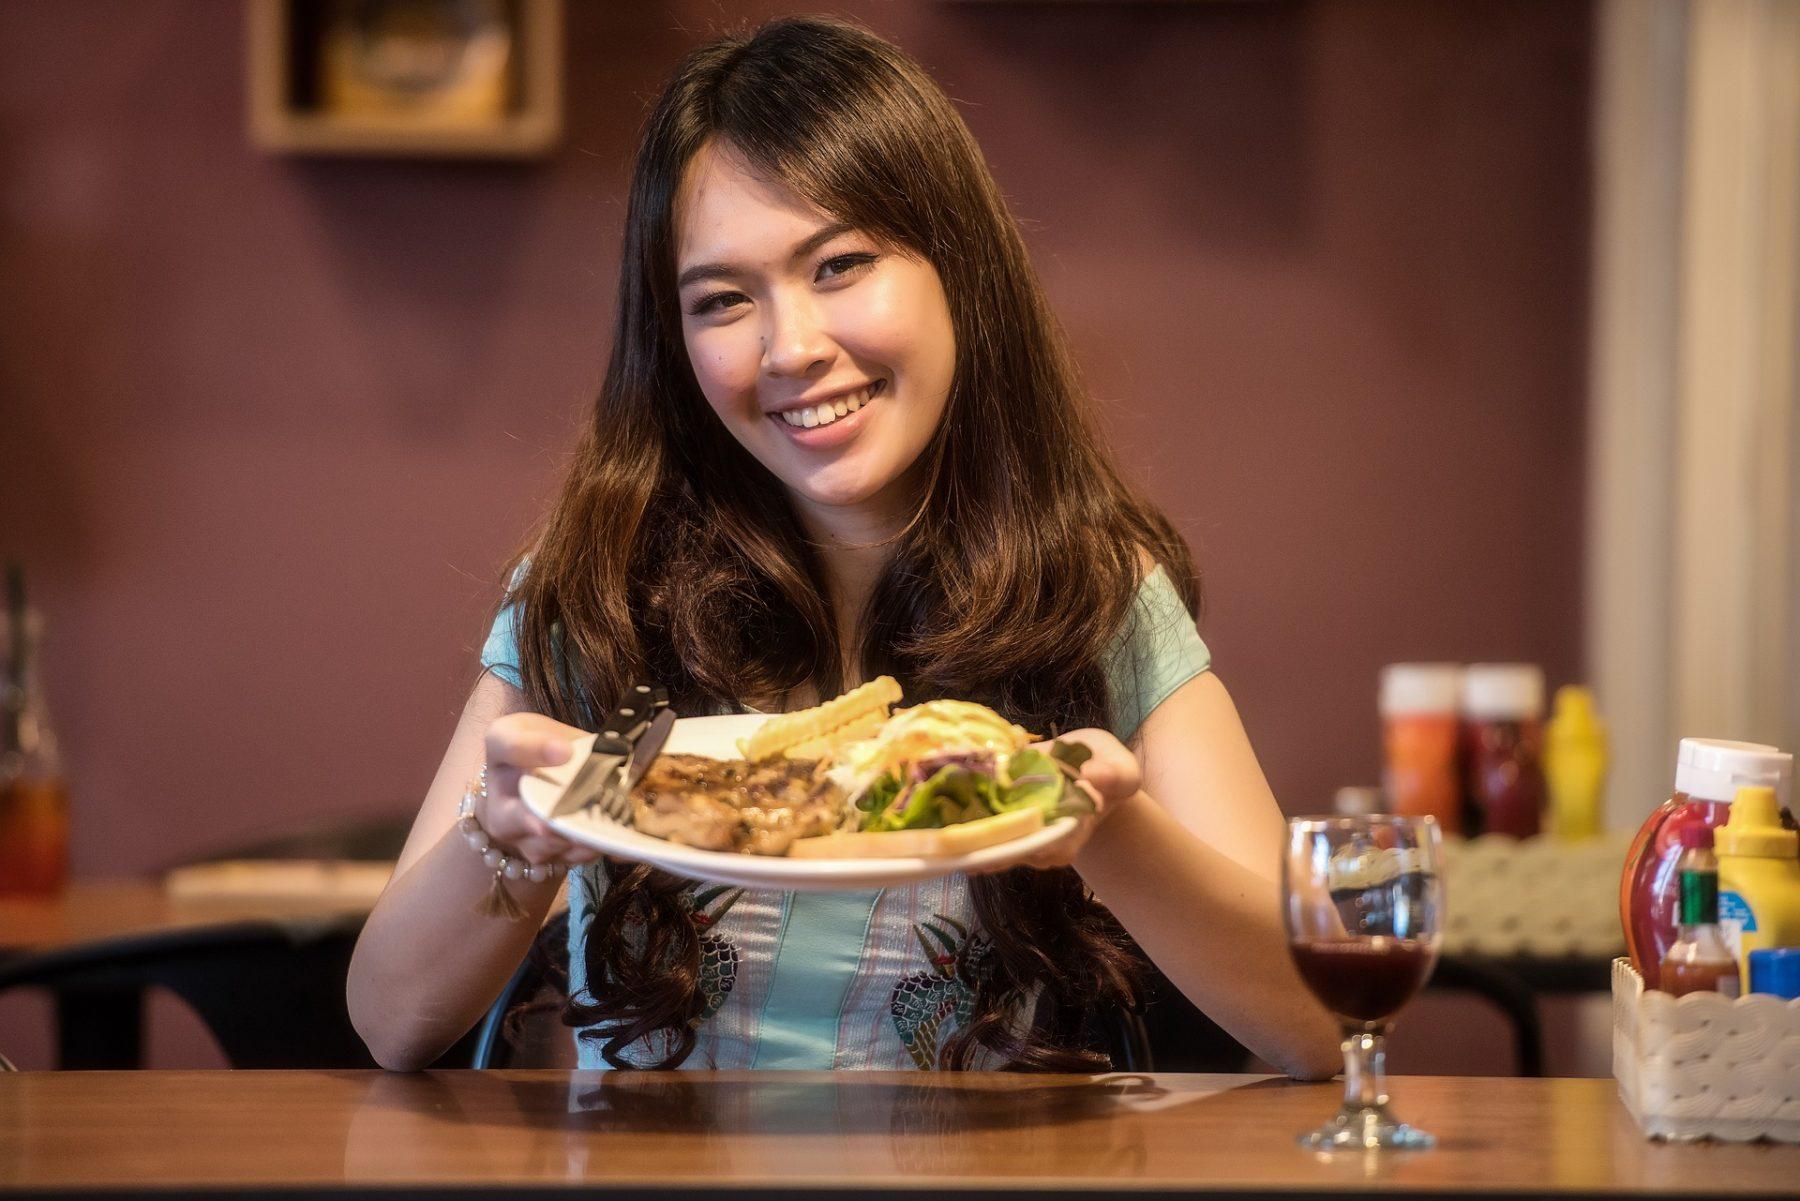 Μοσχάρι κρέας οφέλη: Οφέλη του μοσχαρίσιου κρέατος στην εβδομαδιαία διατροφή μας